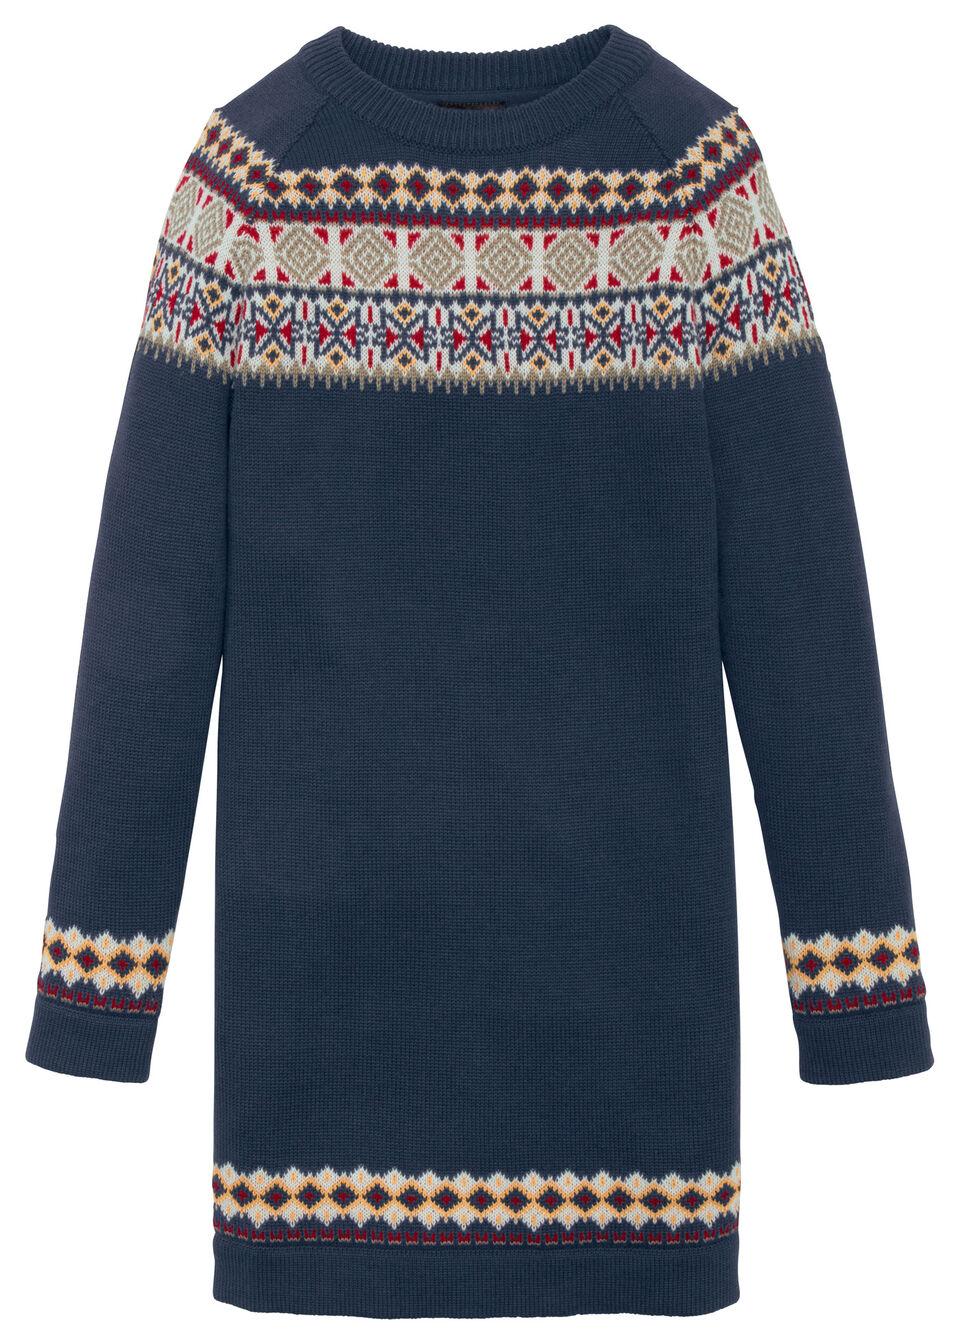 Sukienka dziewczęca dzianinowa w norweski wzór bonprix ciemnoniebieski wzorzysty